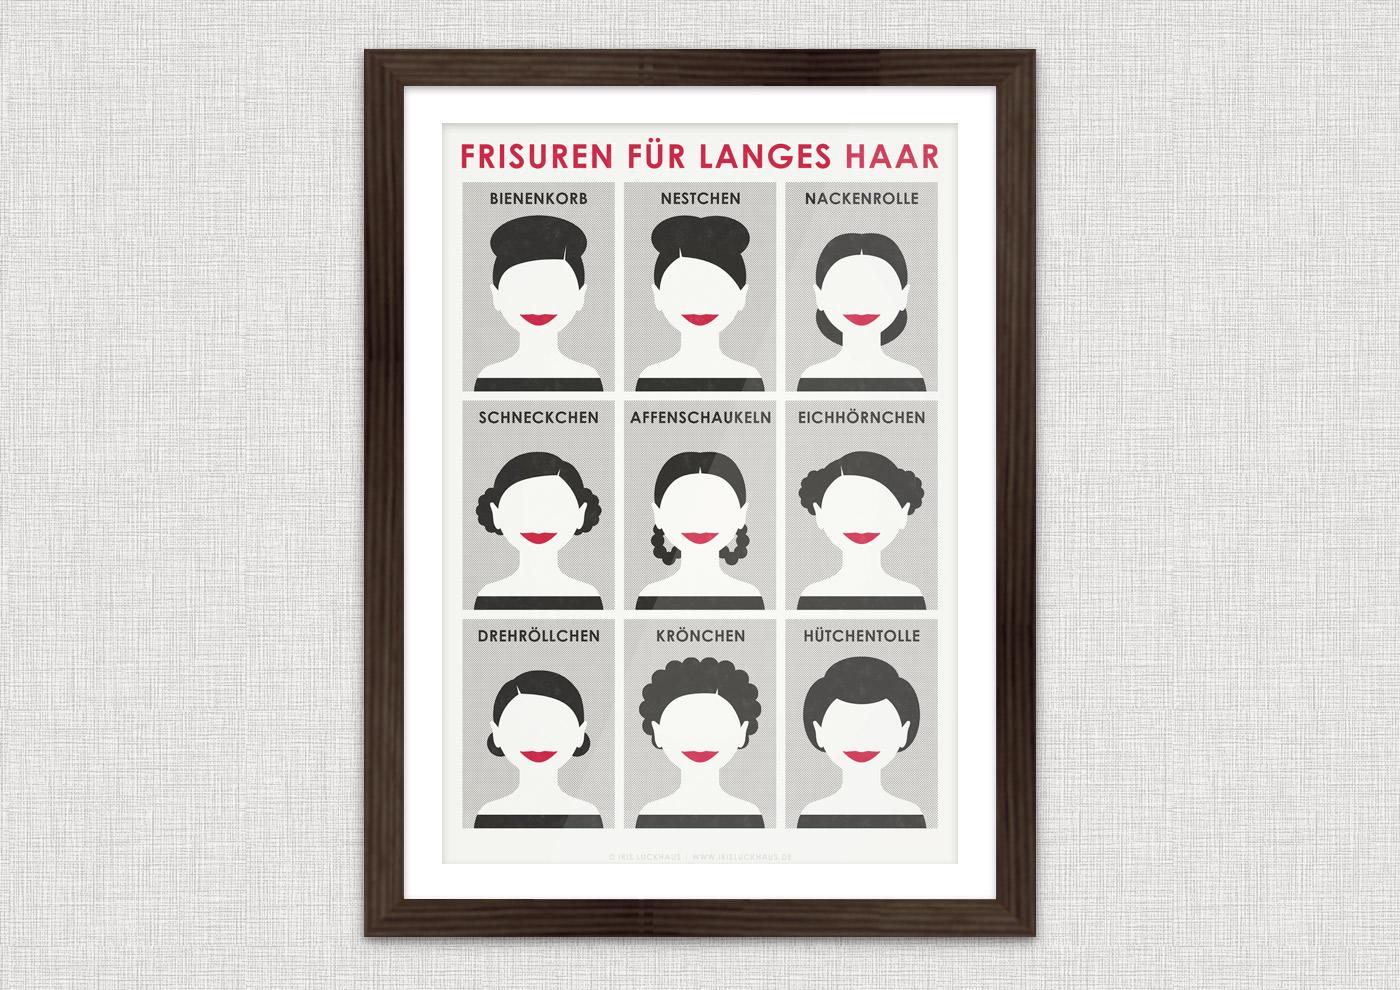 Poster mit einer illustrierten Infografik zu den schönsten Frisuren, Flechtfrisuren und Hochsteckfrisuren, für langes Haar